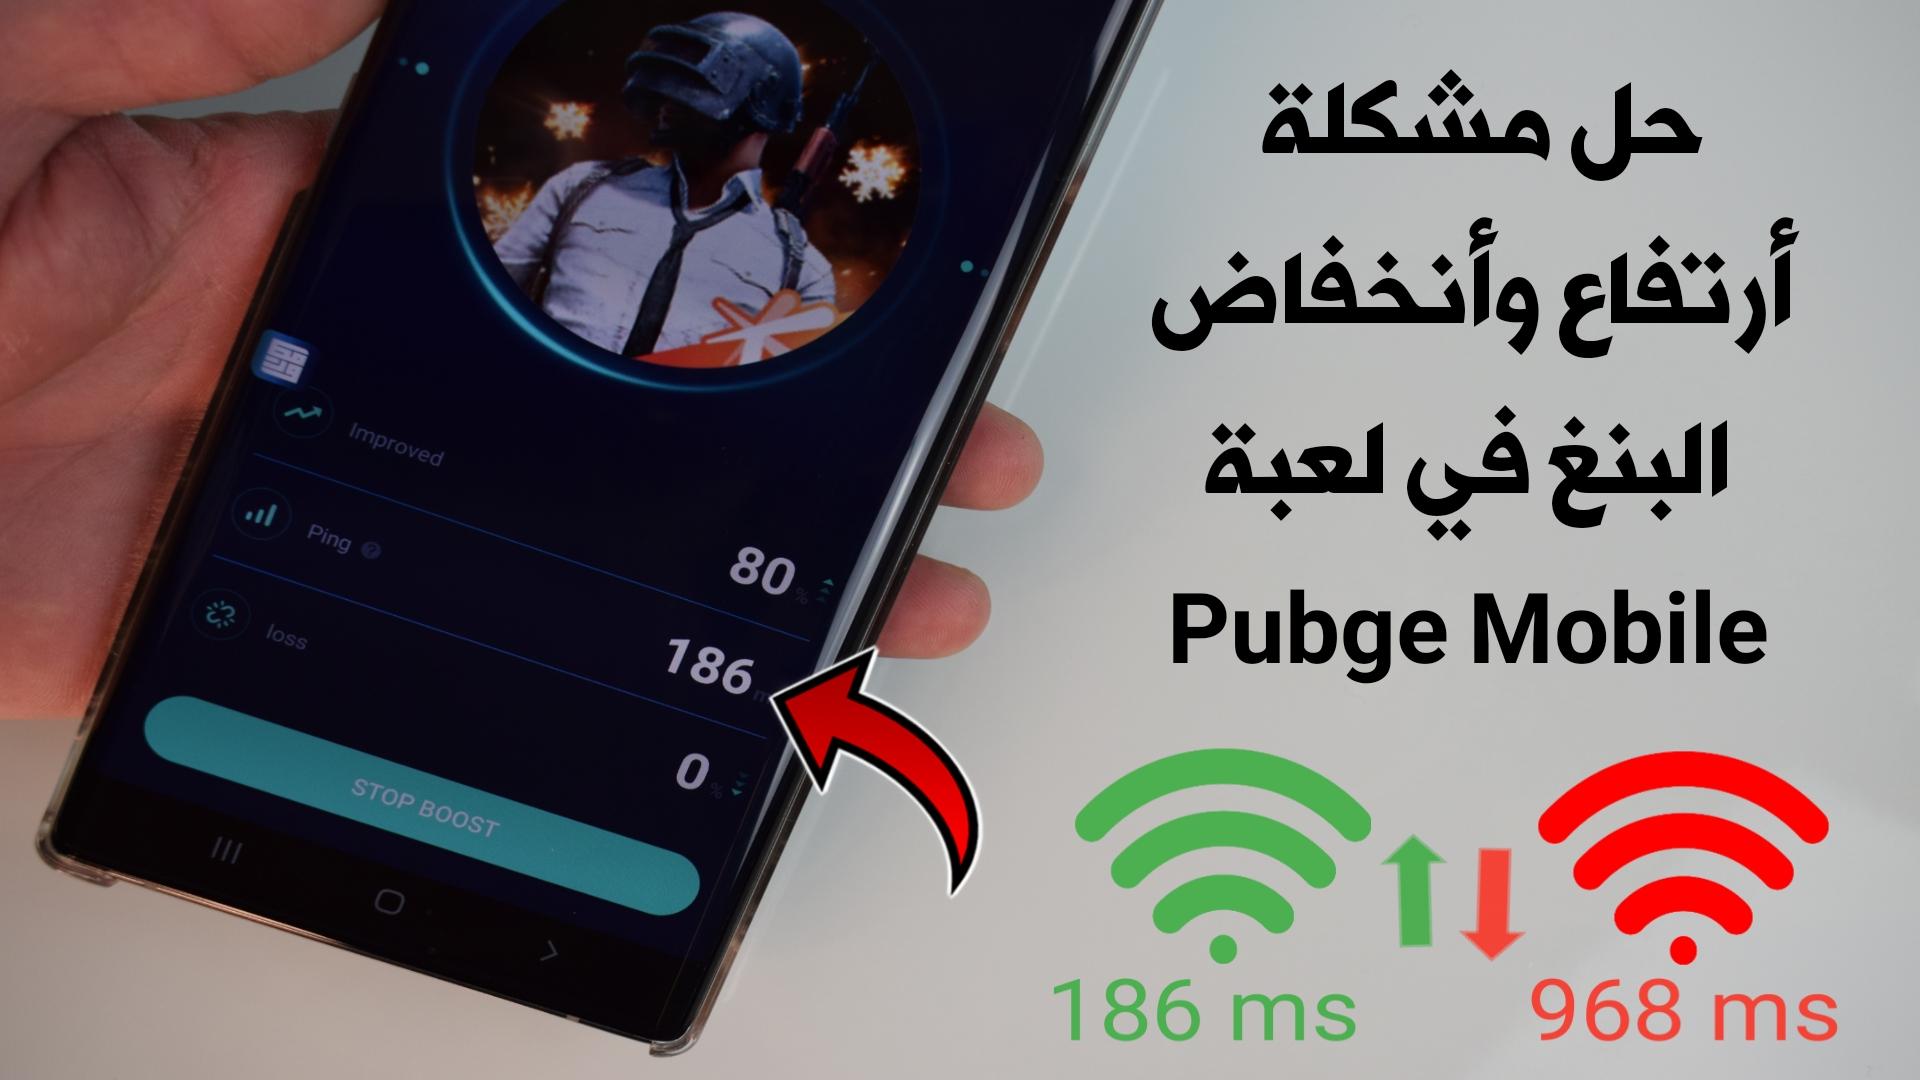 حل مشكلة أرتفاع وأنخفاض البنغ في لعبة Pubge Mobile!!! عمل سيرفر عربي أفتراضي للعبة !